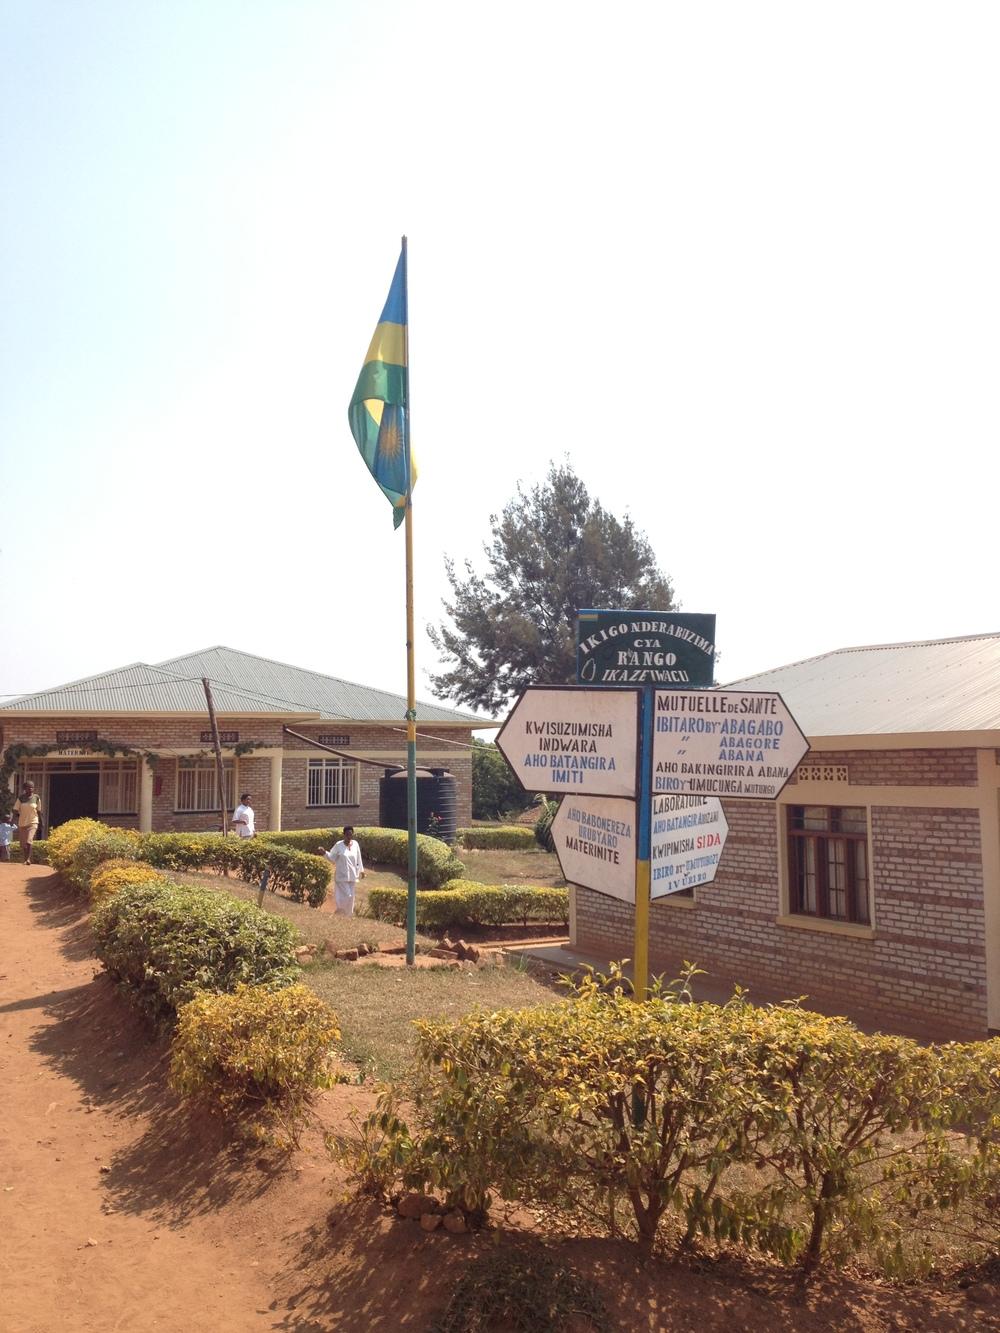 Rango Health Center